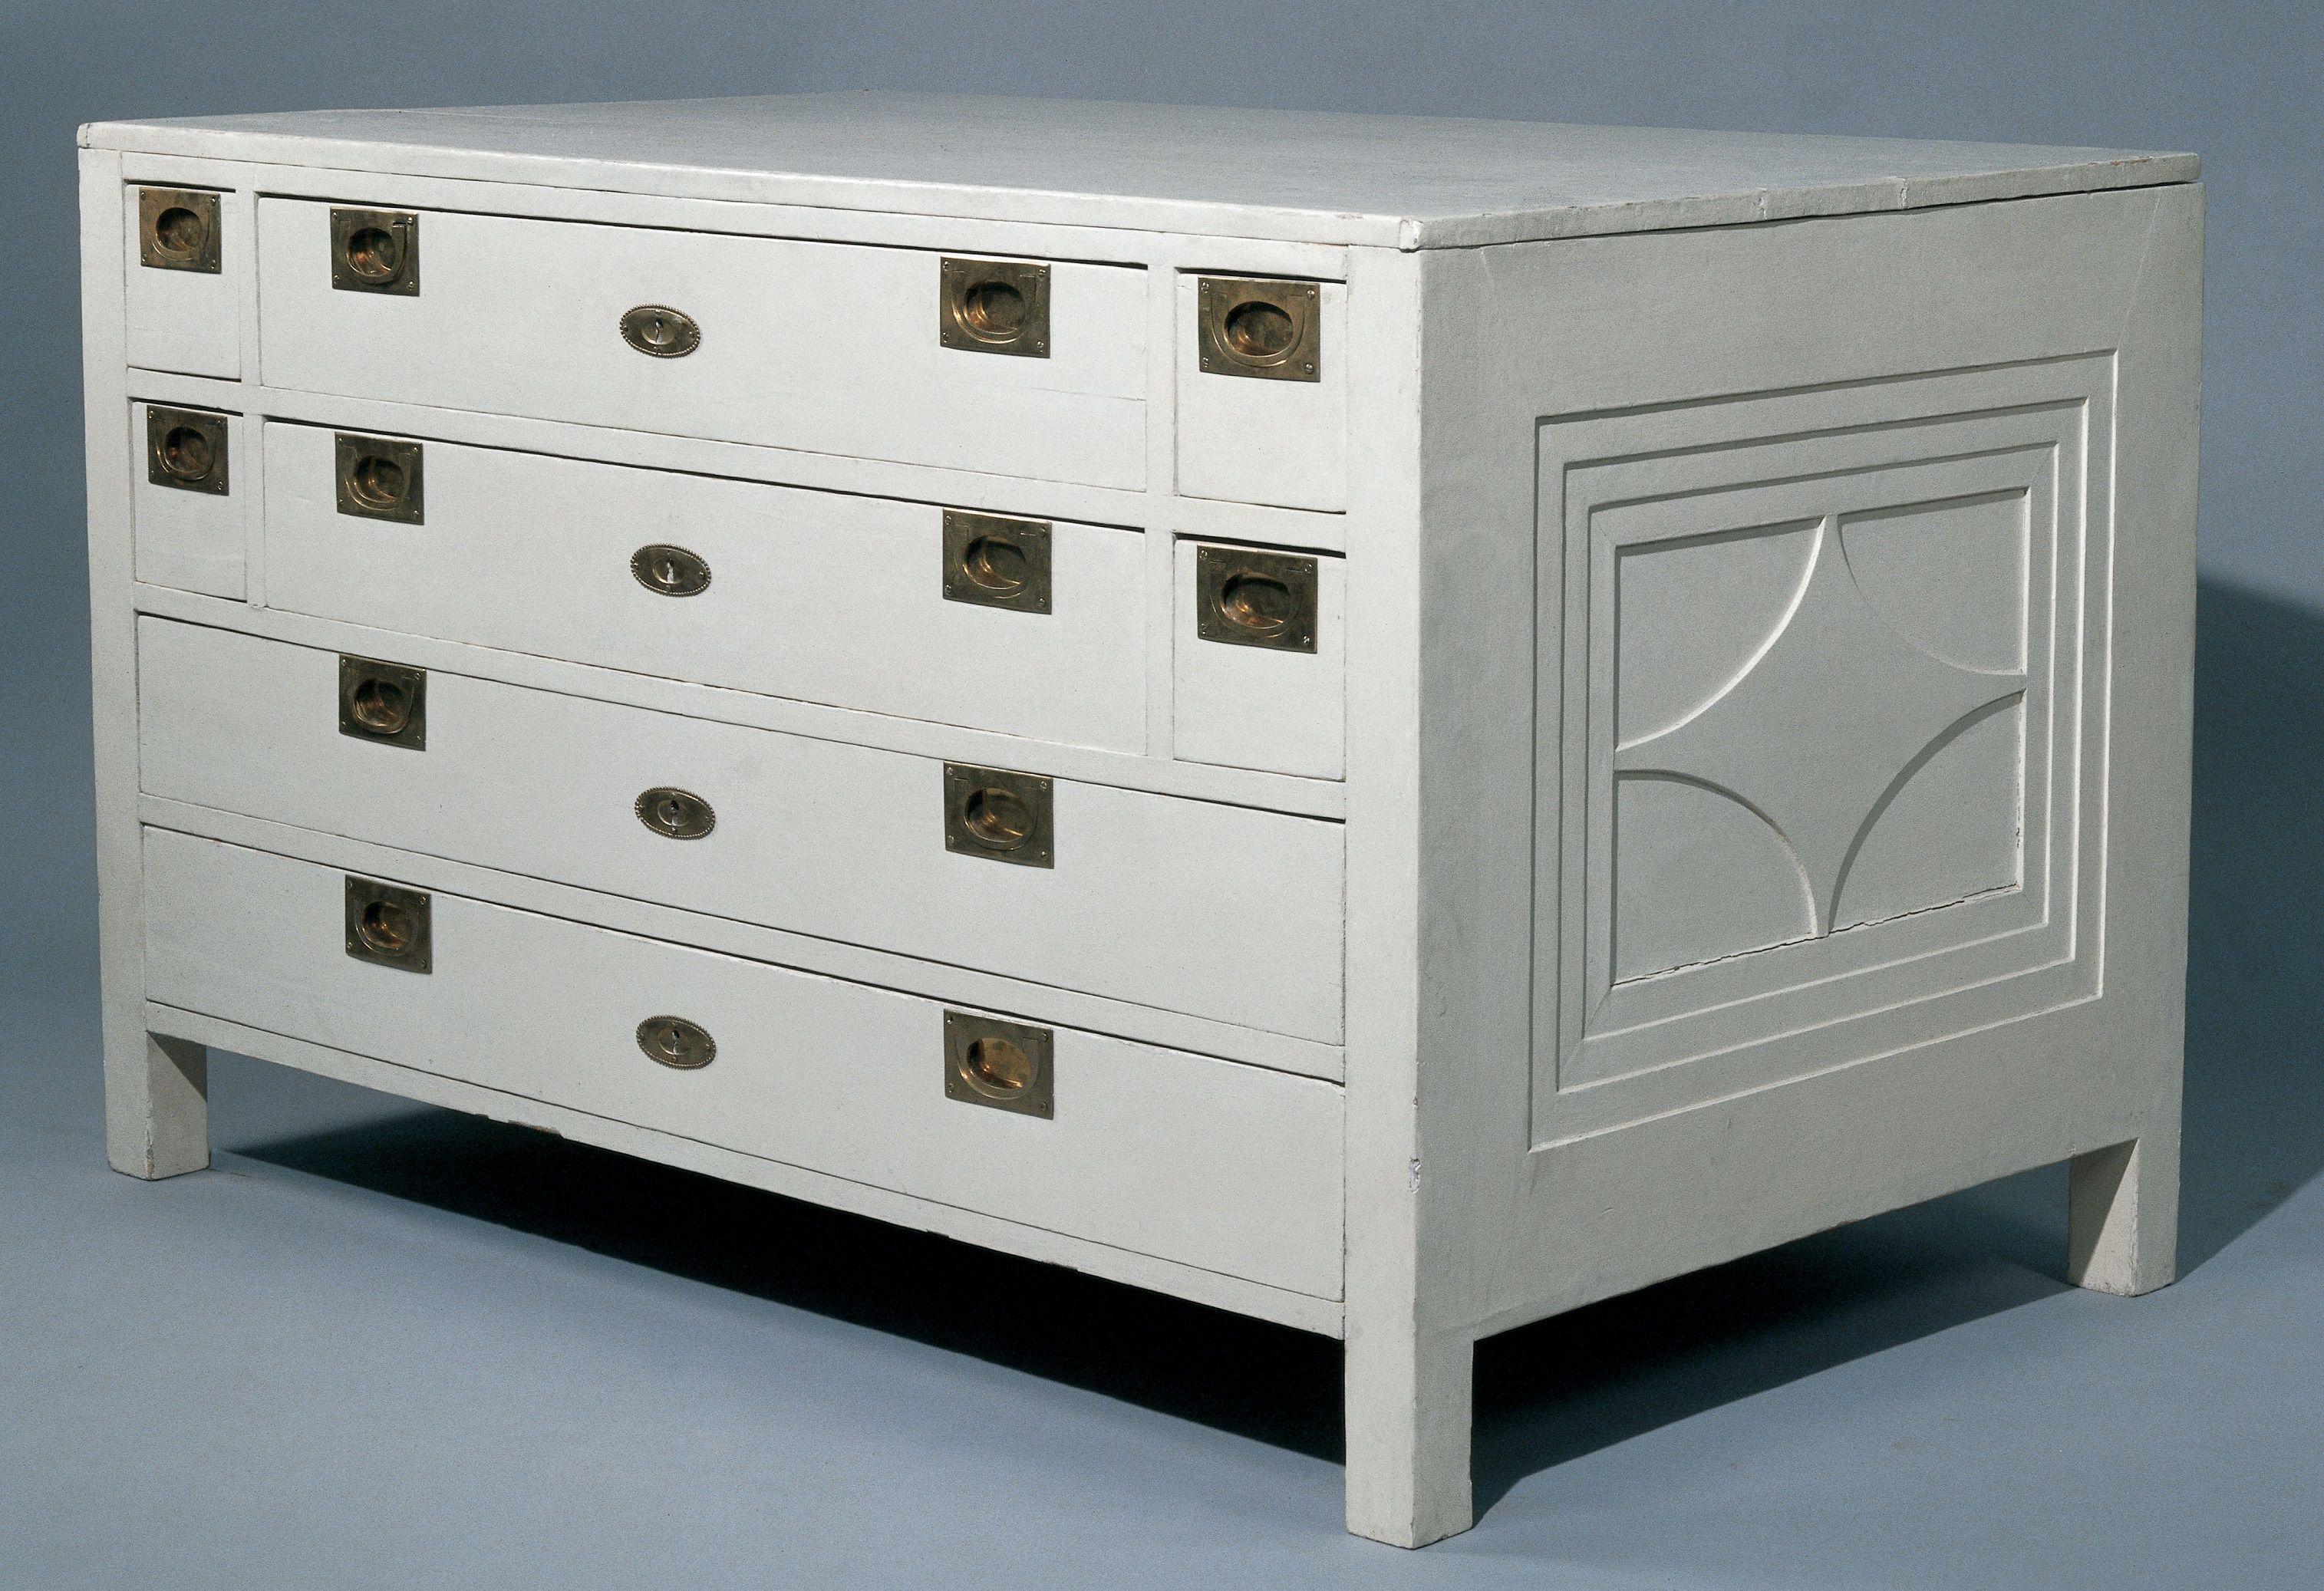 C mo lacar muebles en blanco o en otro color - Muebles en blanco ...